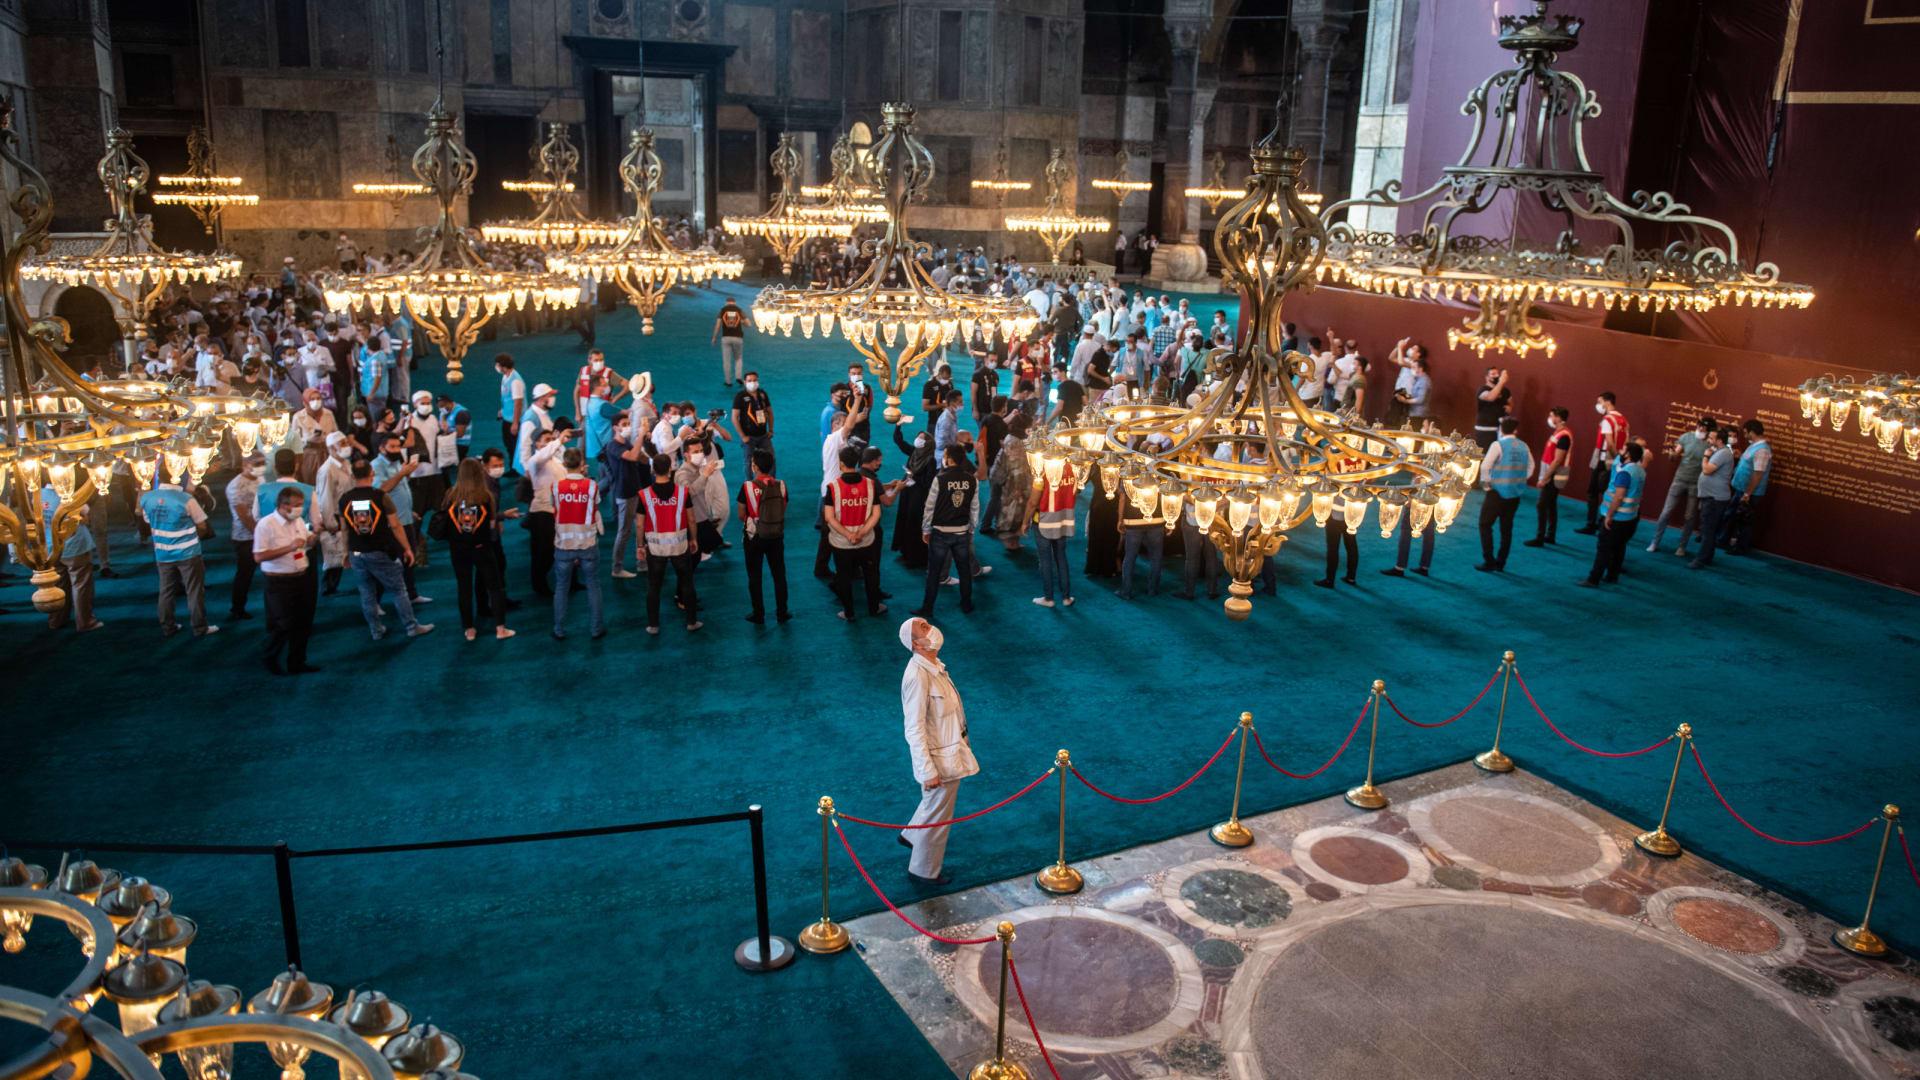 بقعة تتويج الأباطرة داخل مسجد آيا صوفيا